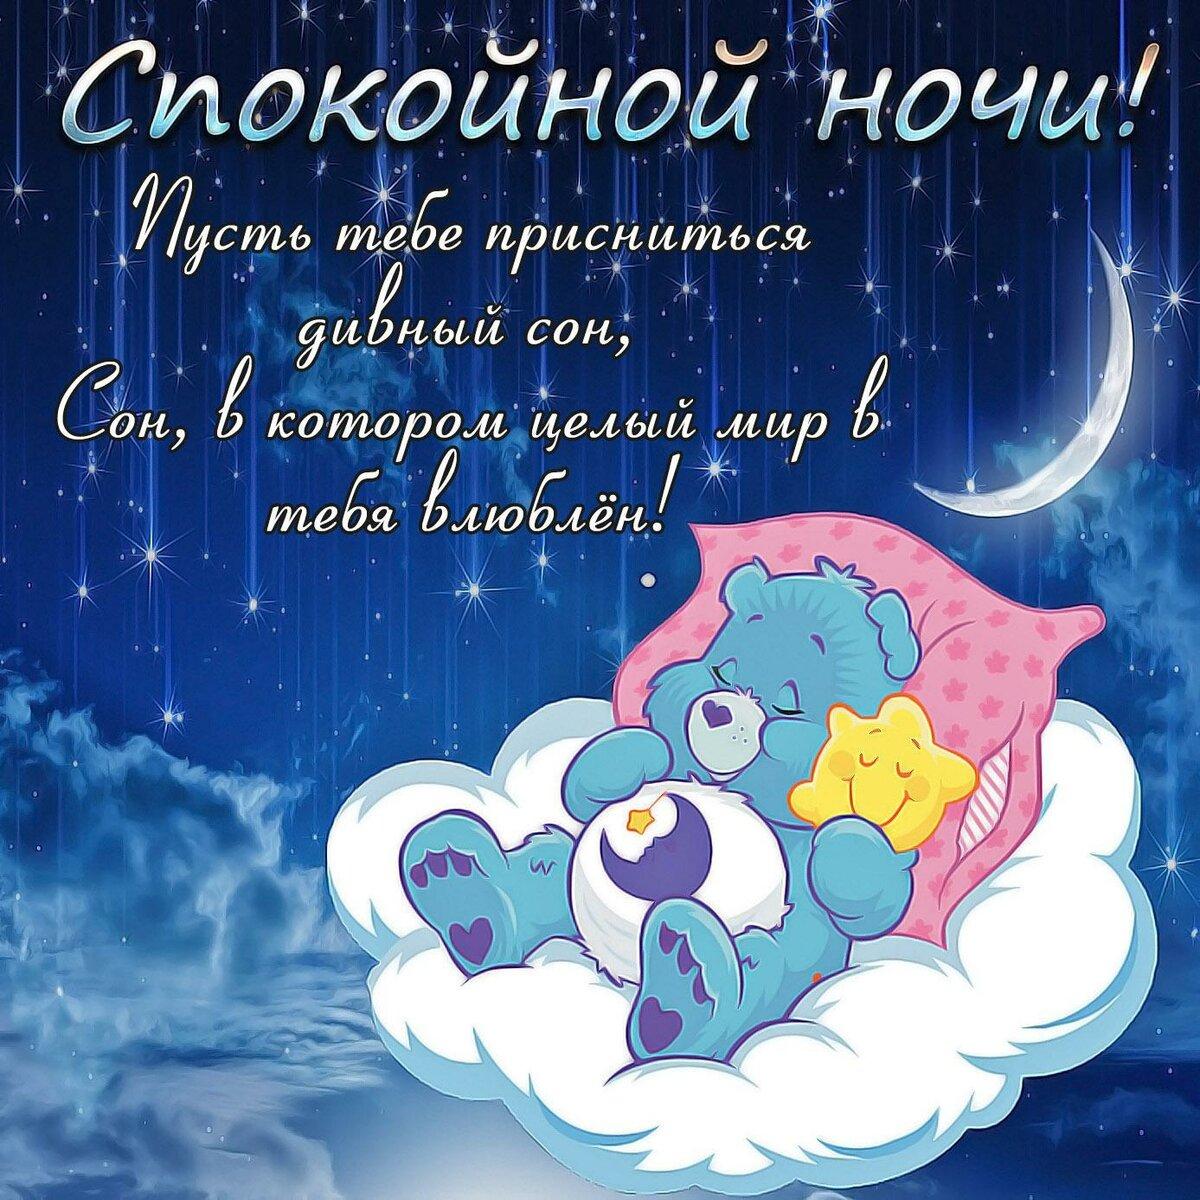 раз пусть сны будут сладкими картинки этой болезни